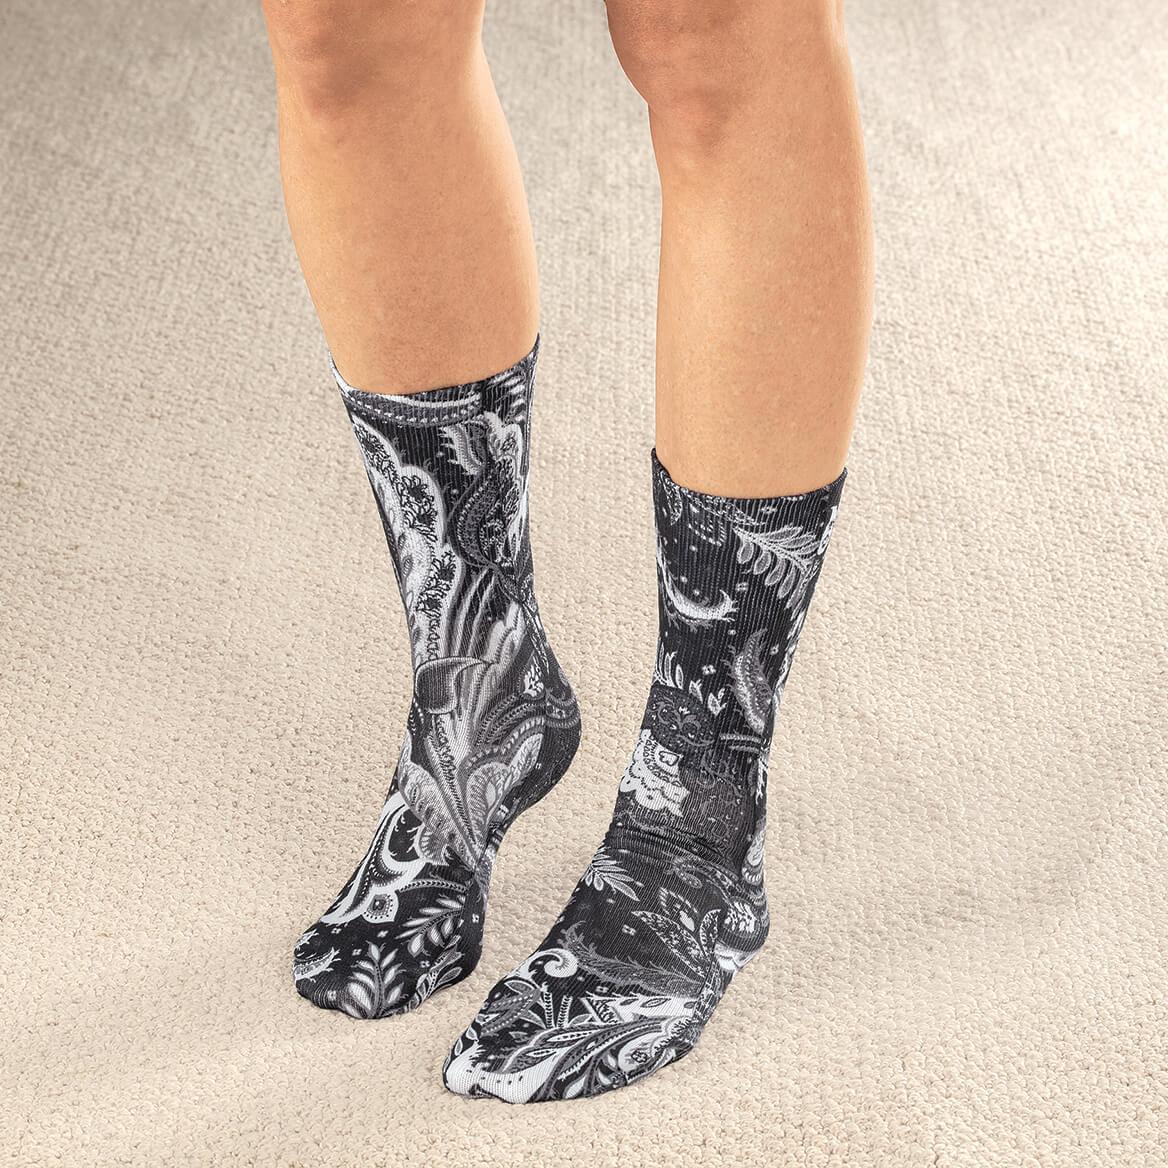 Celeste Stein Women's Diabetic Crew Socks 1 Pair-370606